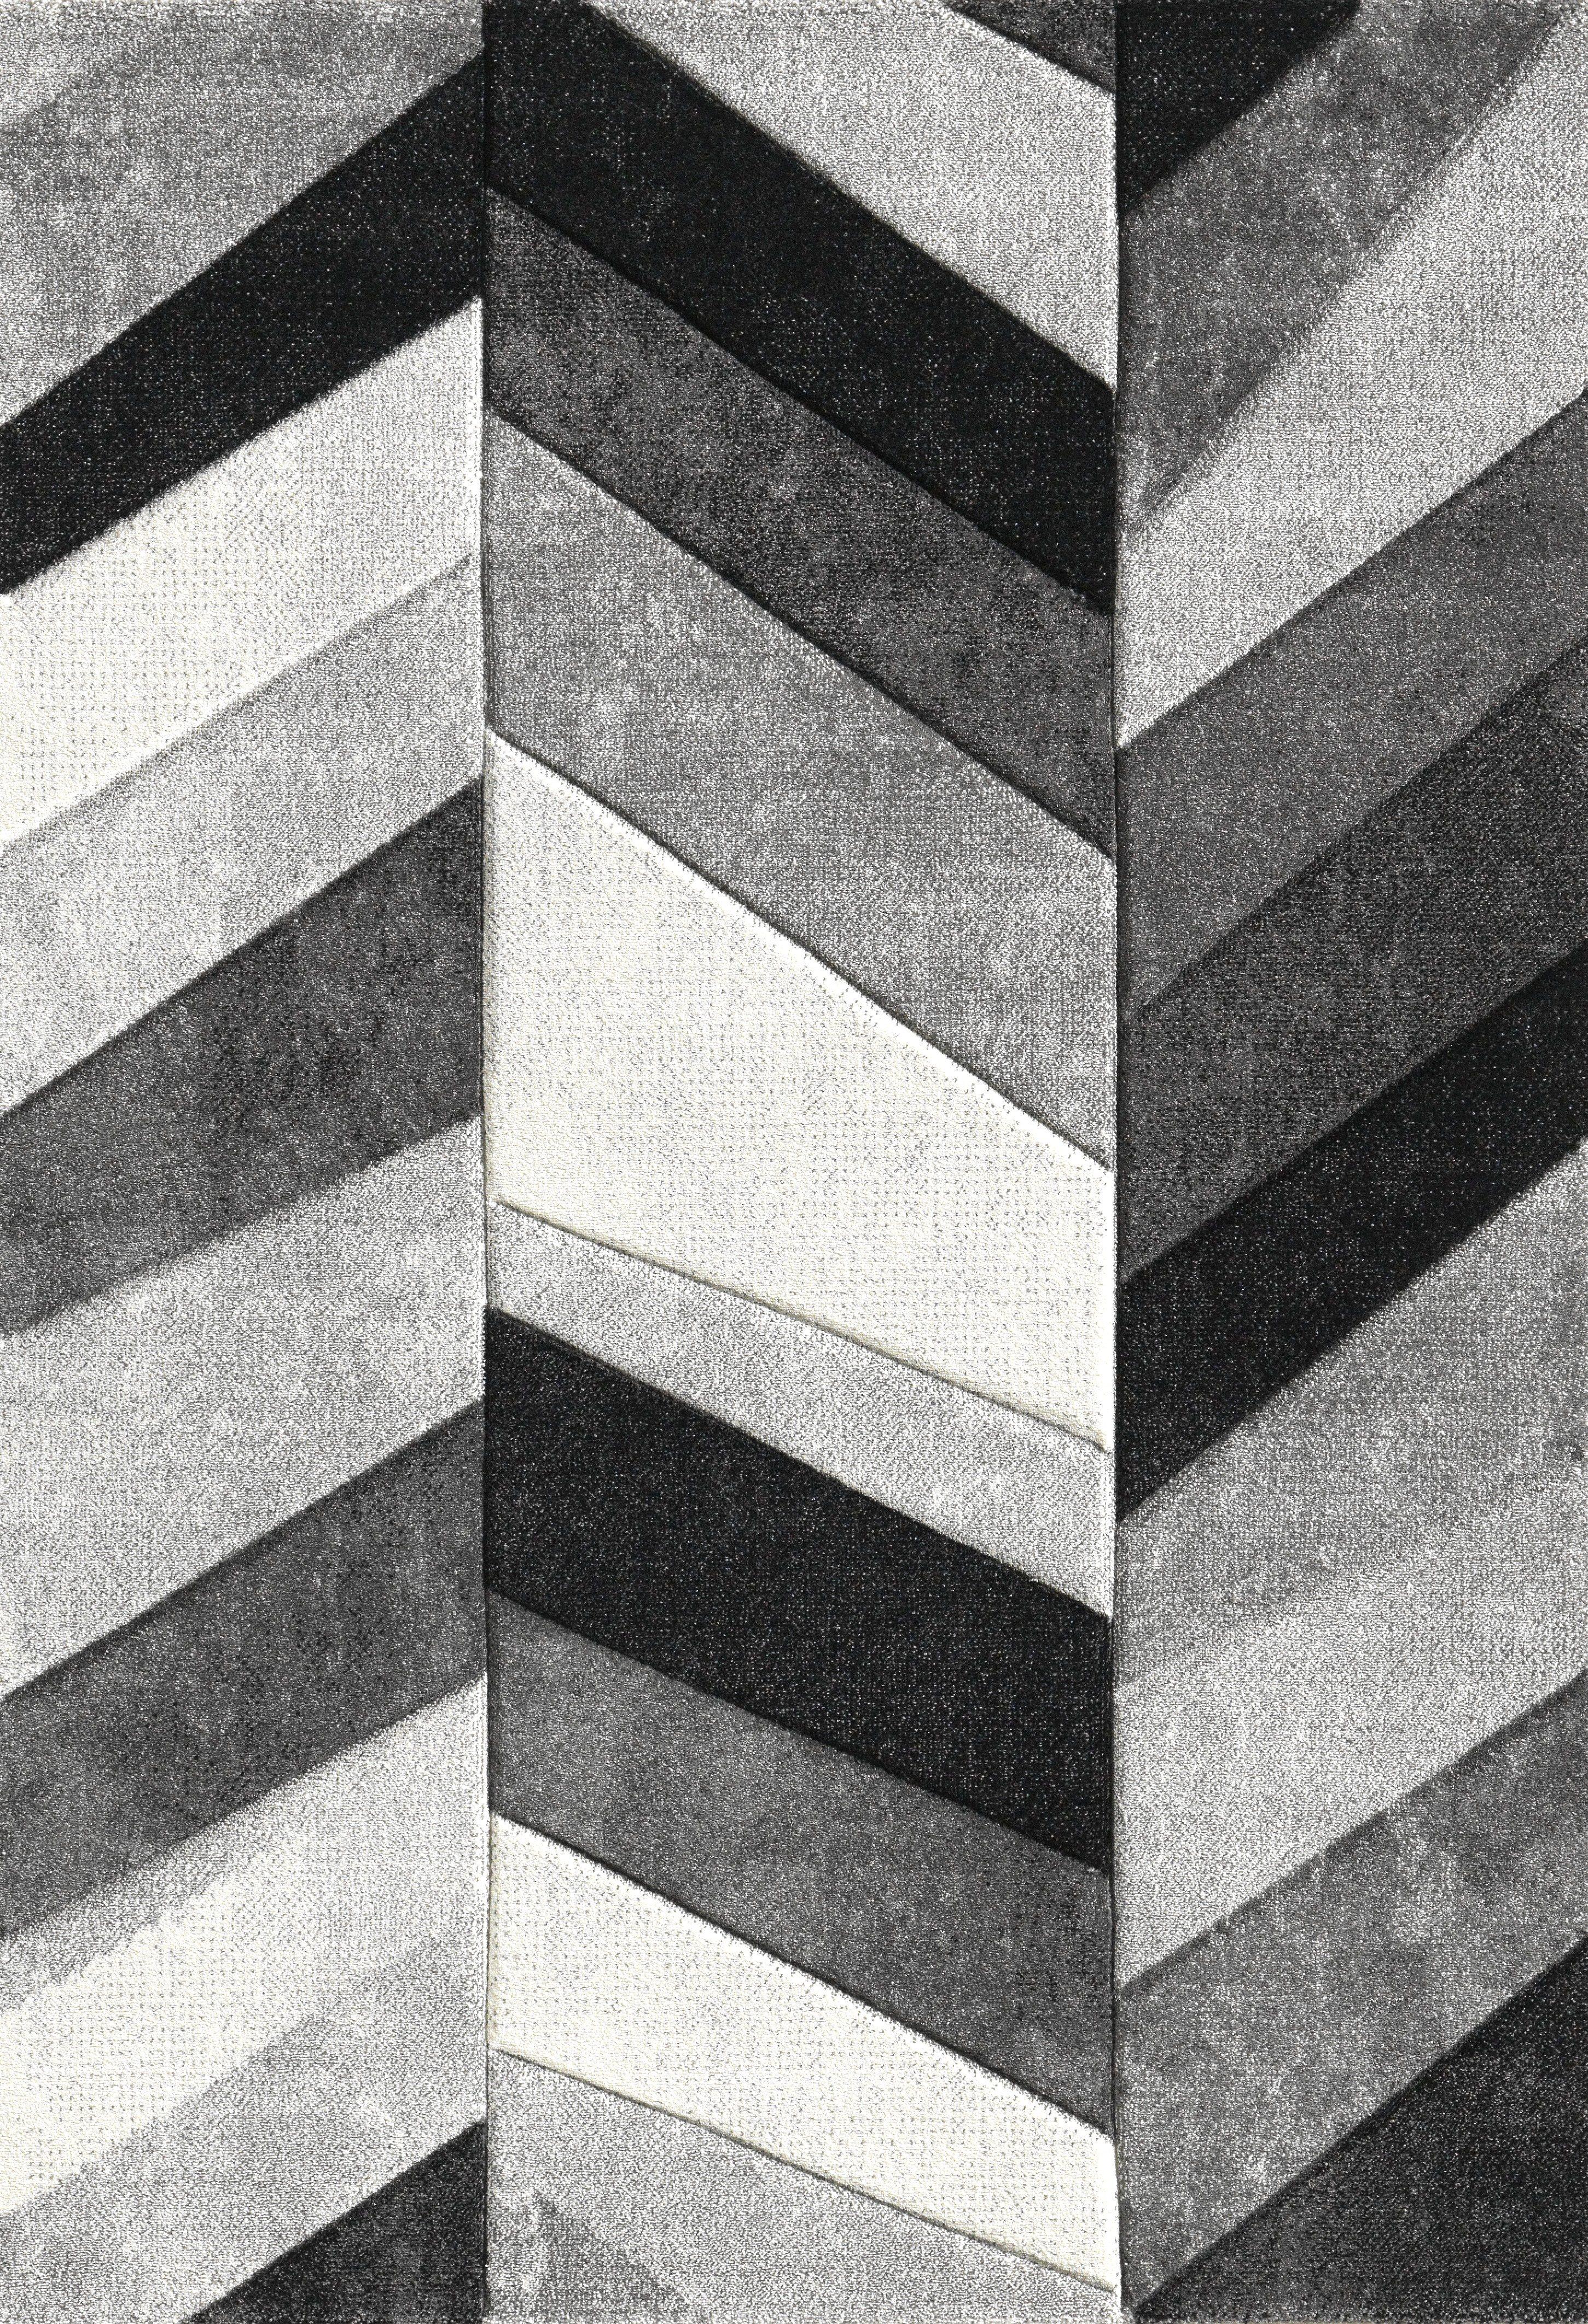 Teppich BELIS PARKETT merinos rechteckig Höhe 13 mm maschinell gewebt